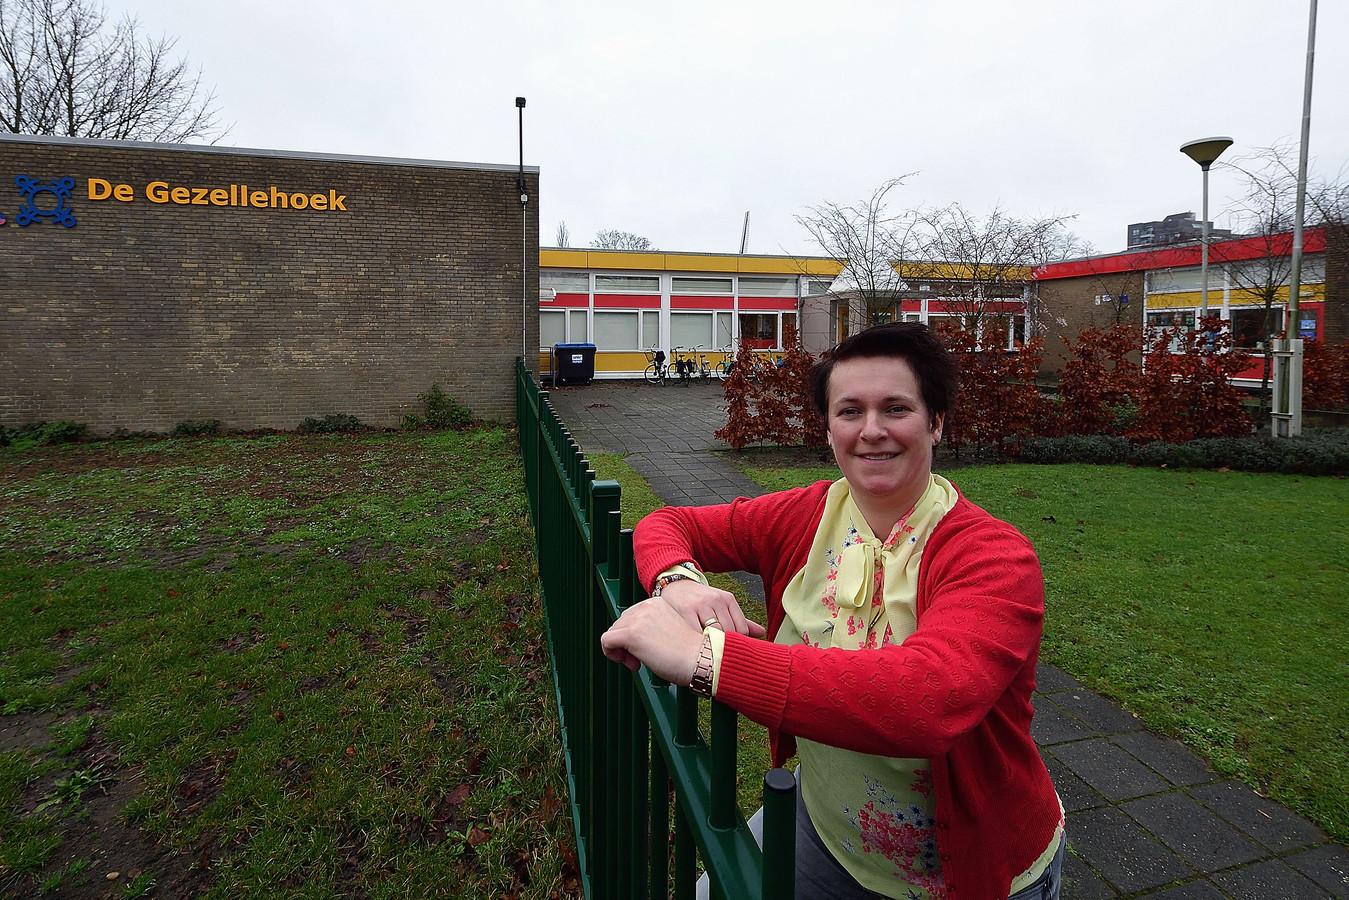 Directeur Jessica Heirbaut van BS Gezellehoek heeft groen licht voor vernieuwbouw van de school.